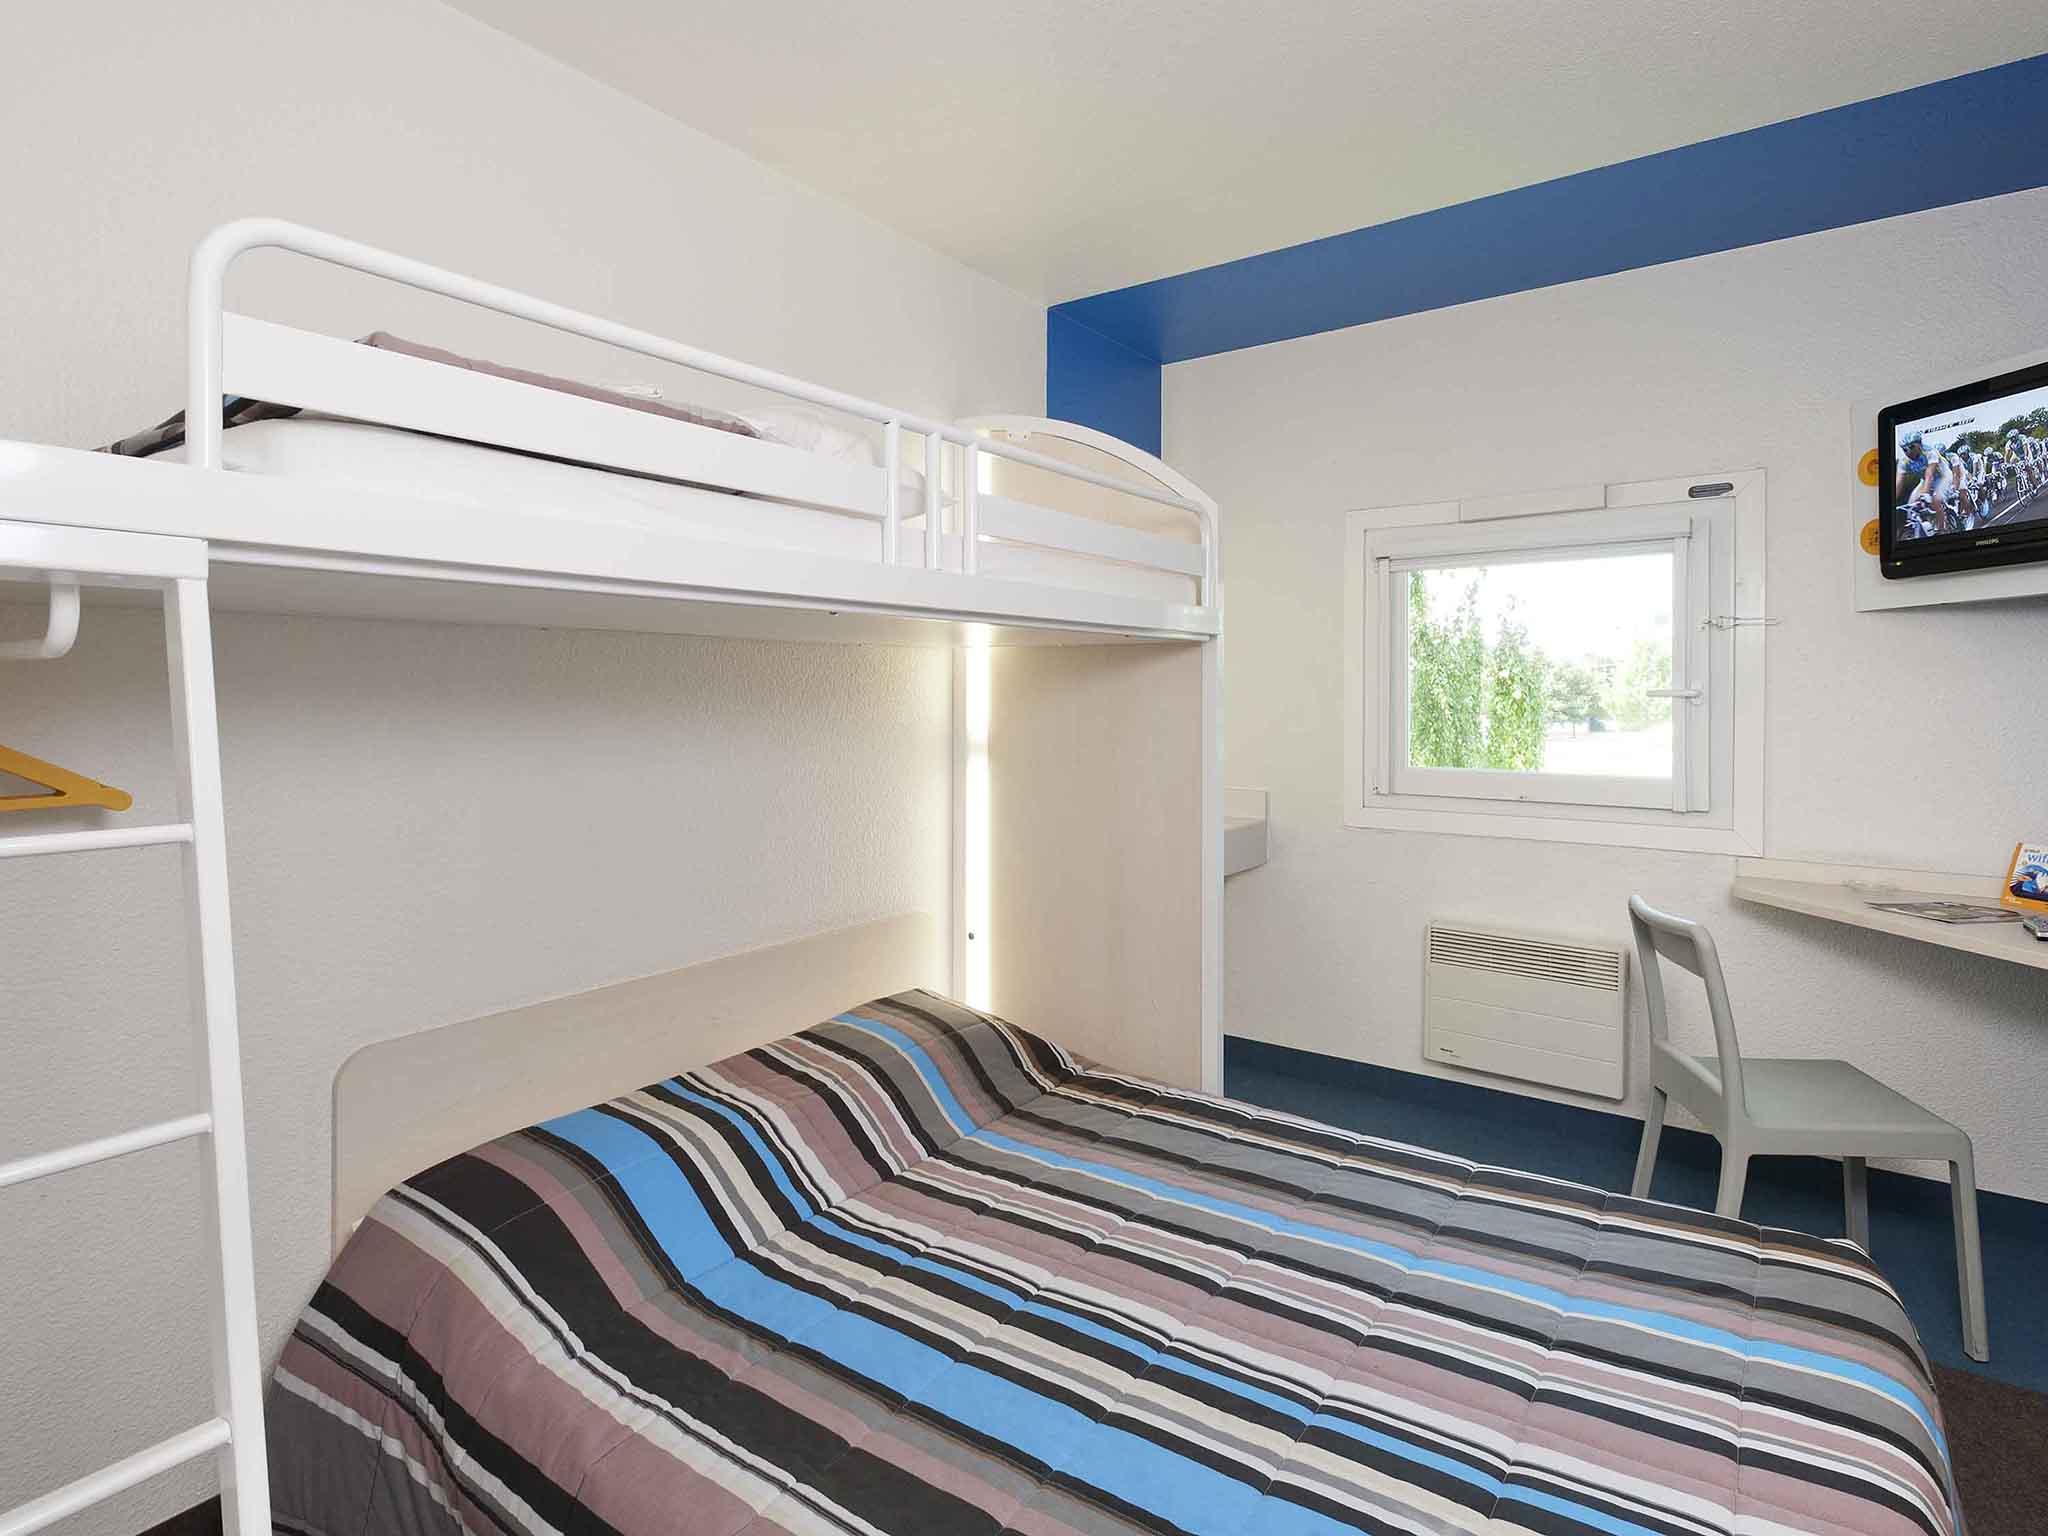 Hôtel - hotelF1 Thionville Yutz